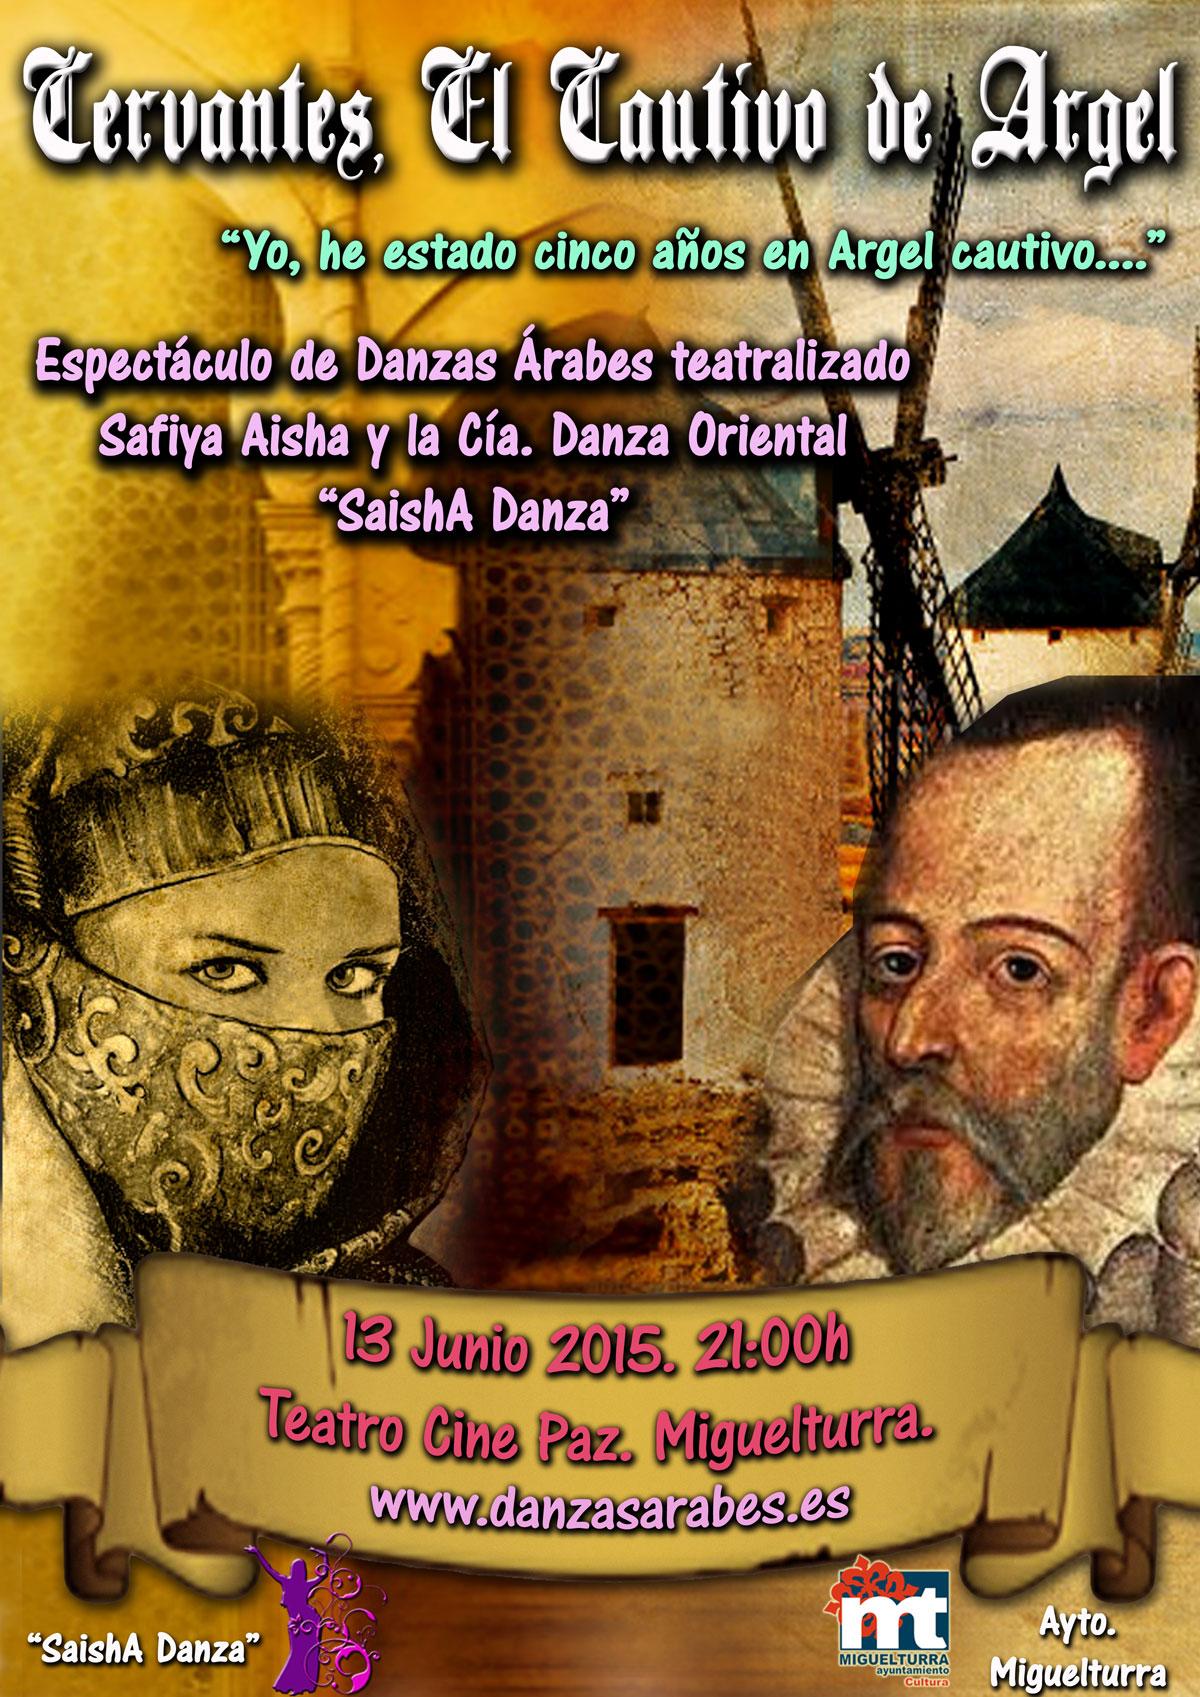 Teatro cervantino y de danzas árabes el sábado 13 de junio en el Teatro Cine Paz